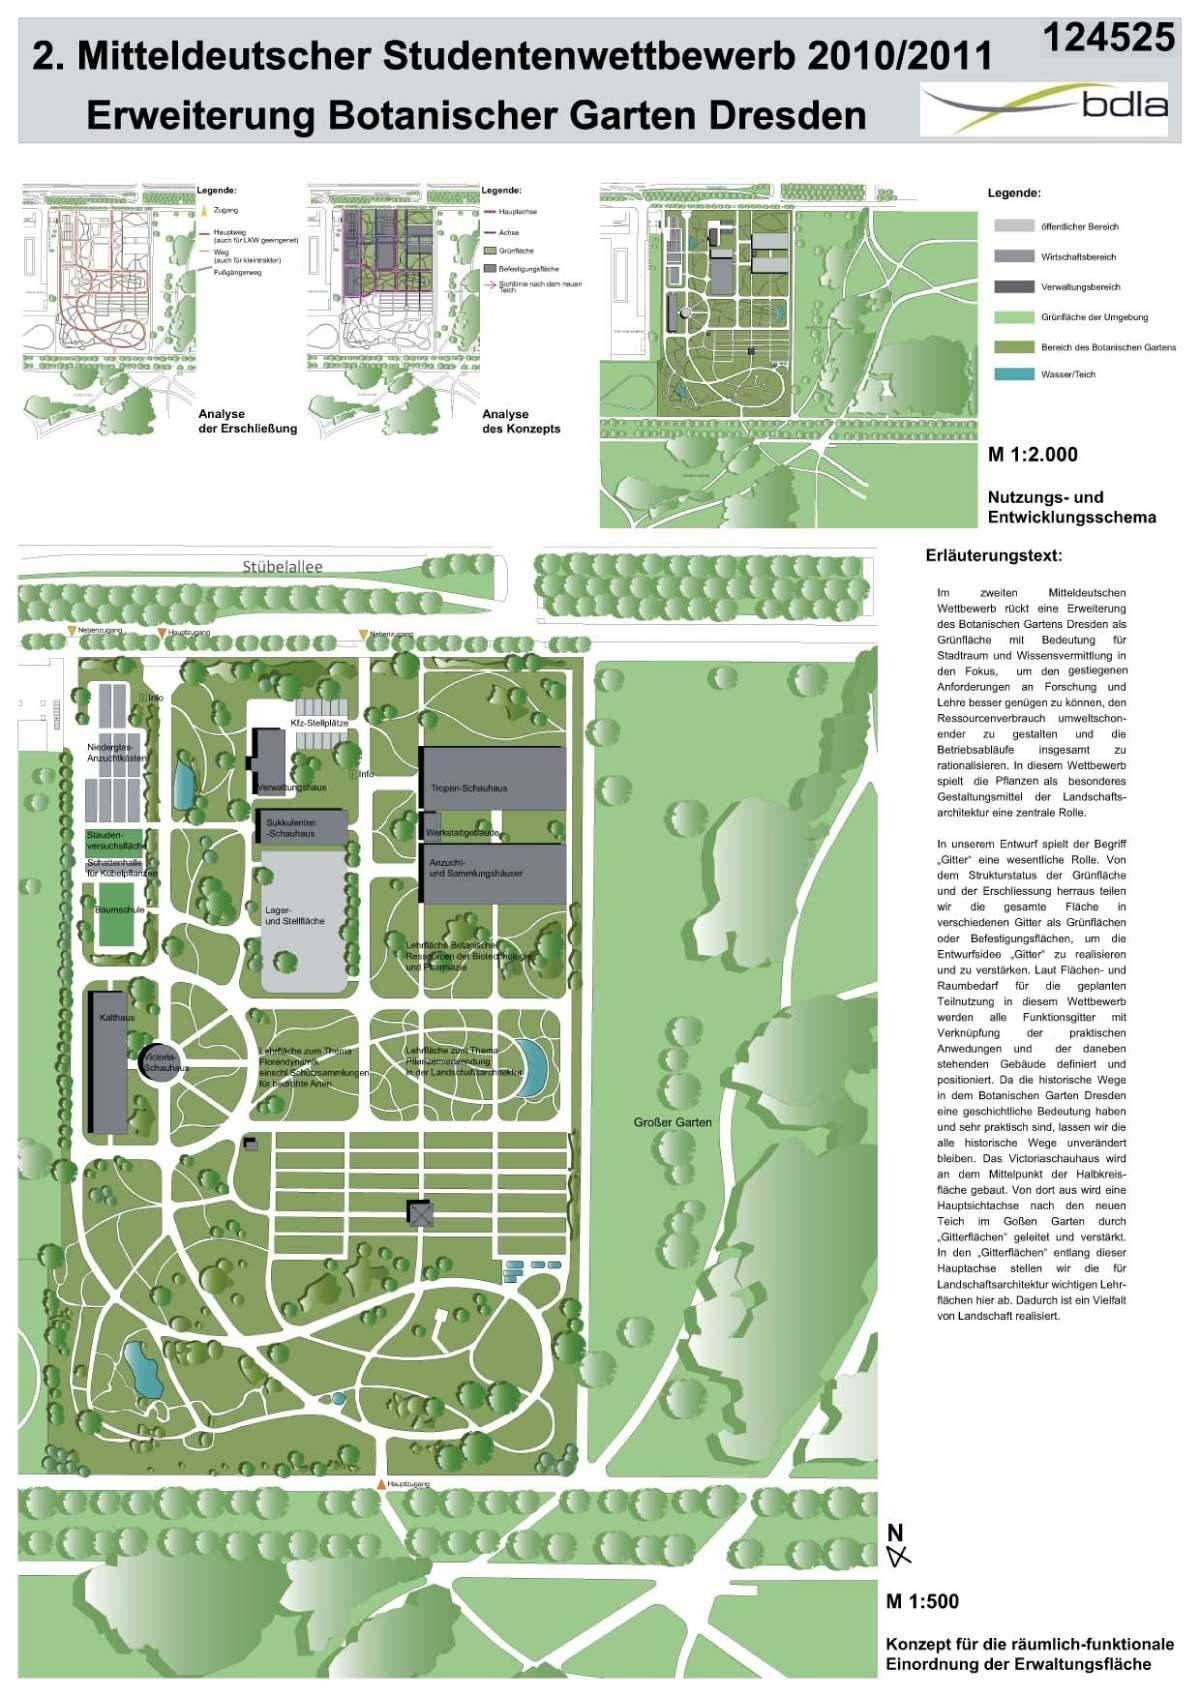 Botanischer Garten Dresden Reizend Ankauf Botanischer Garten Dresden 2 Mitteldeutsch